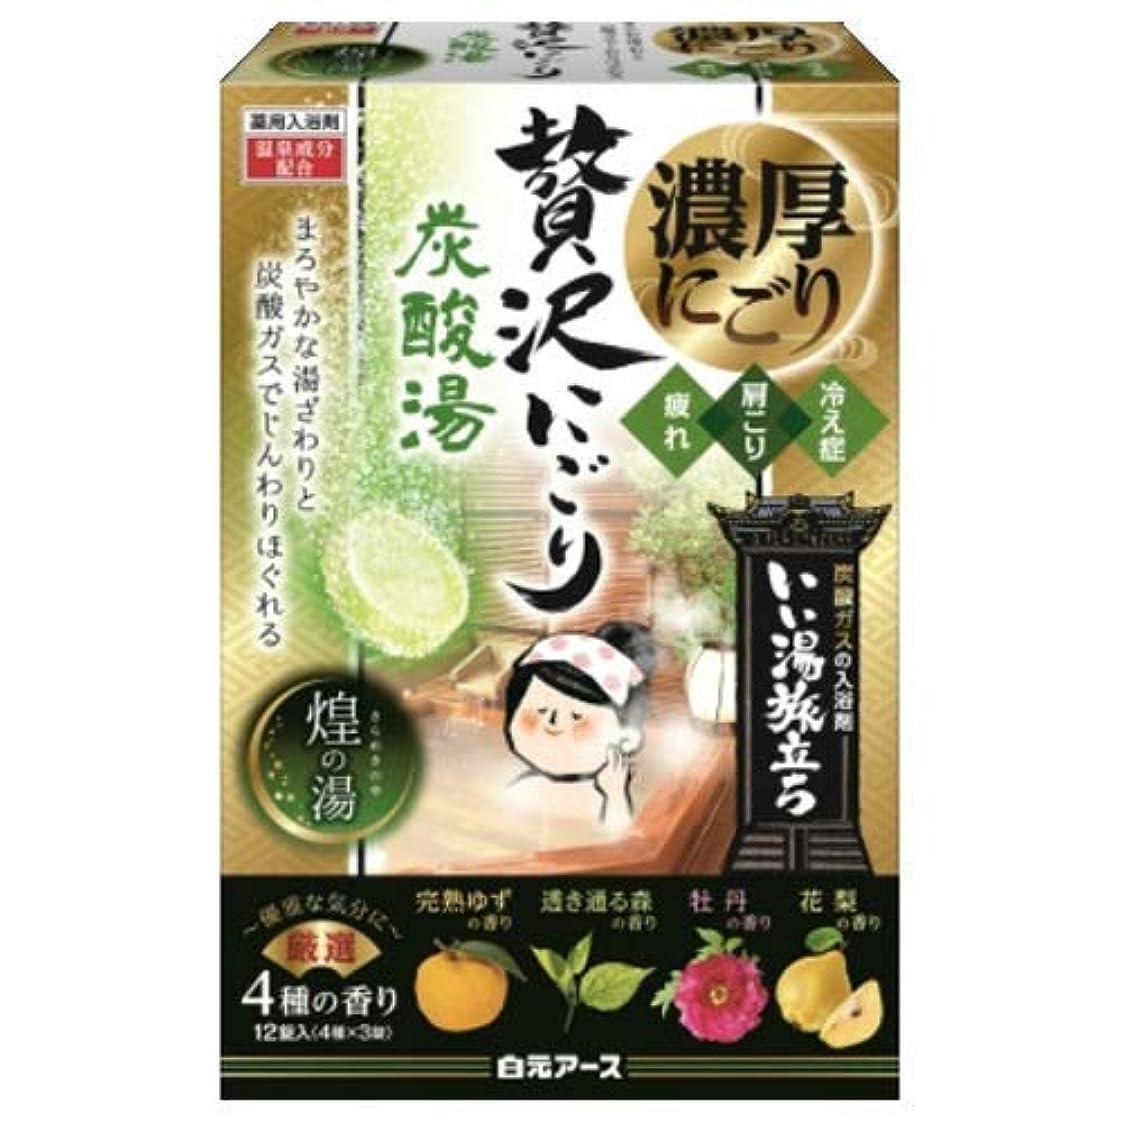 適応的慣れている雑草いい湯旅立ち ゼイ沢にごり炭酸湯 きらめきの湯 12錠入 × 2個セット